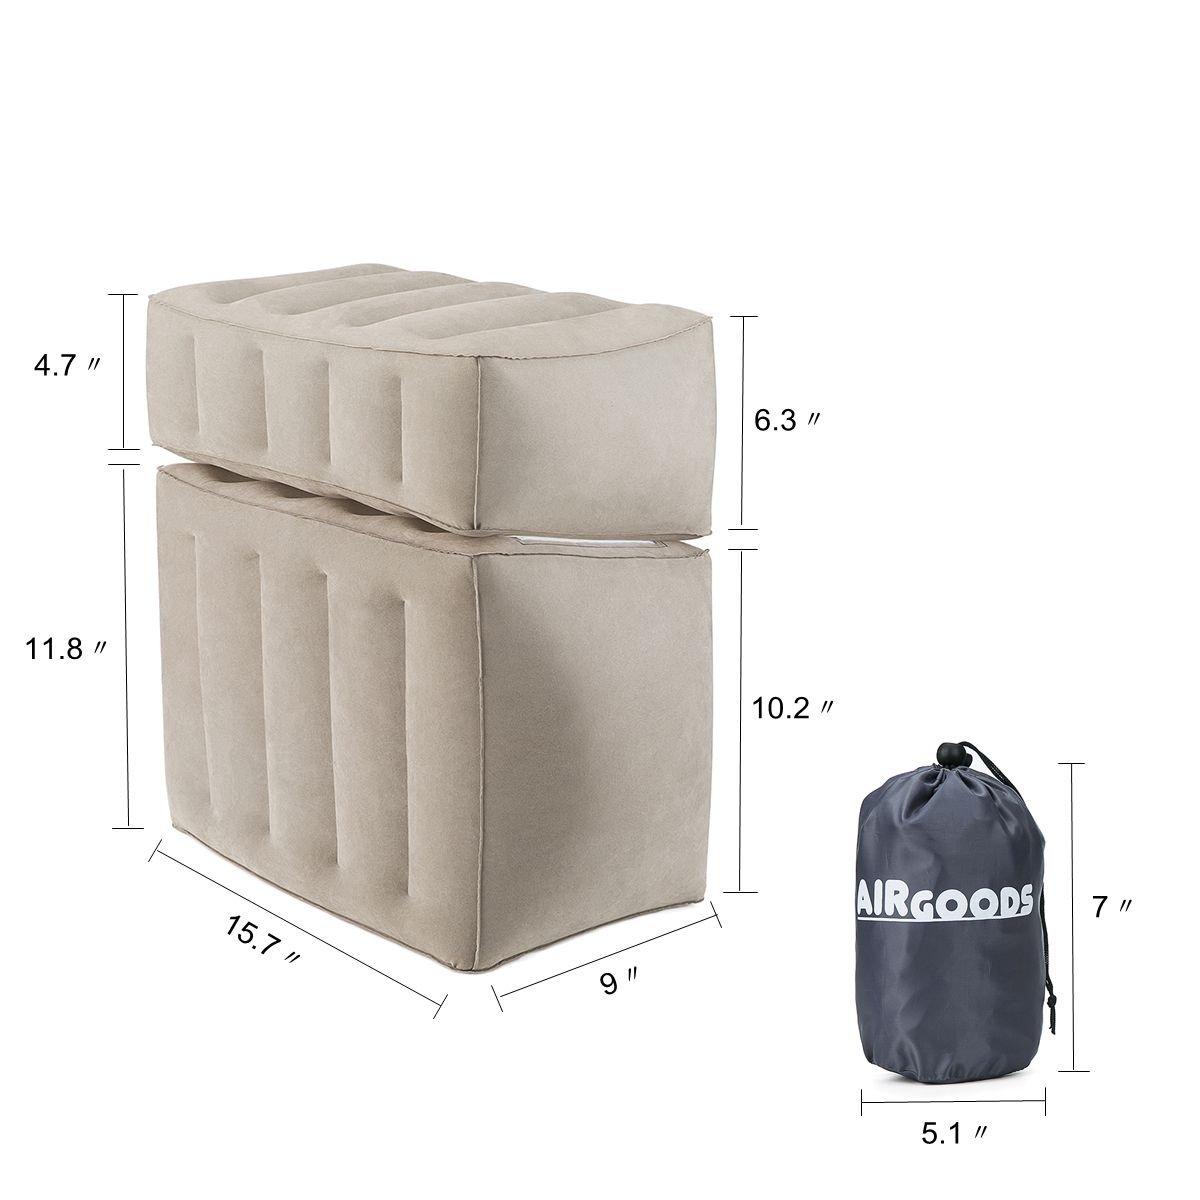 Amazon.com: airgoods inflable almohada de viaje para ...